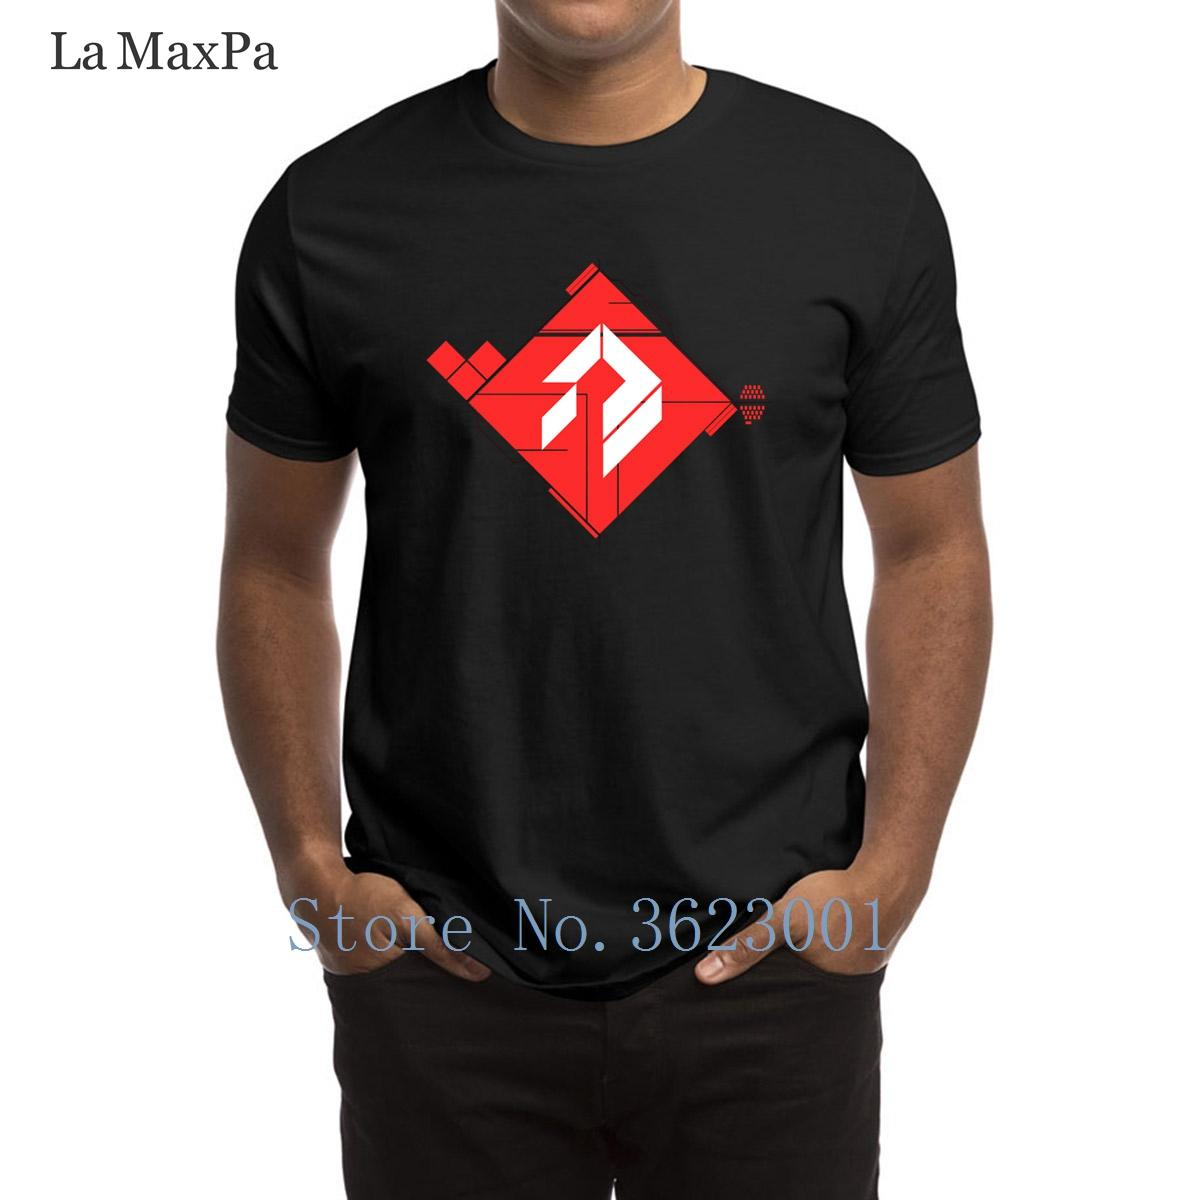 T-Shirt For Men Siva A Clovis Bray produtos T Shirt Sólidos T marcado camisa básica Melhor S-3xl camiseta Homem da aptidão Magro Impresso